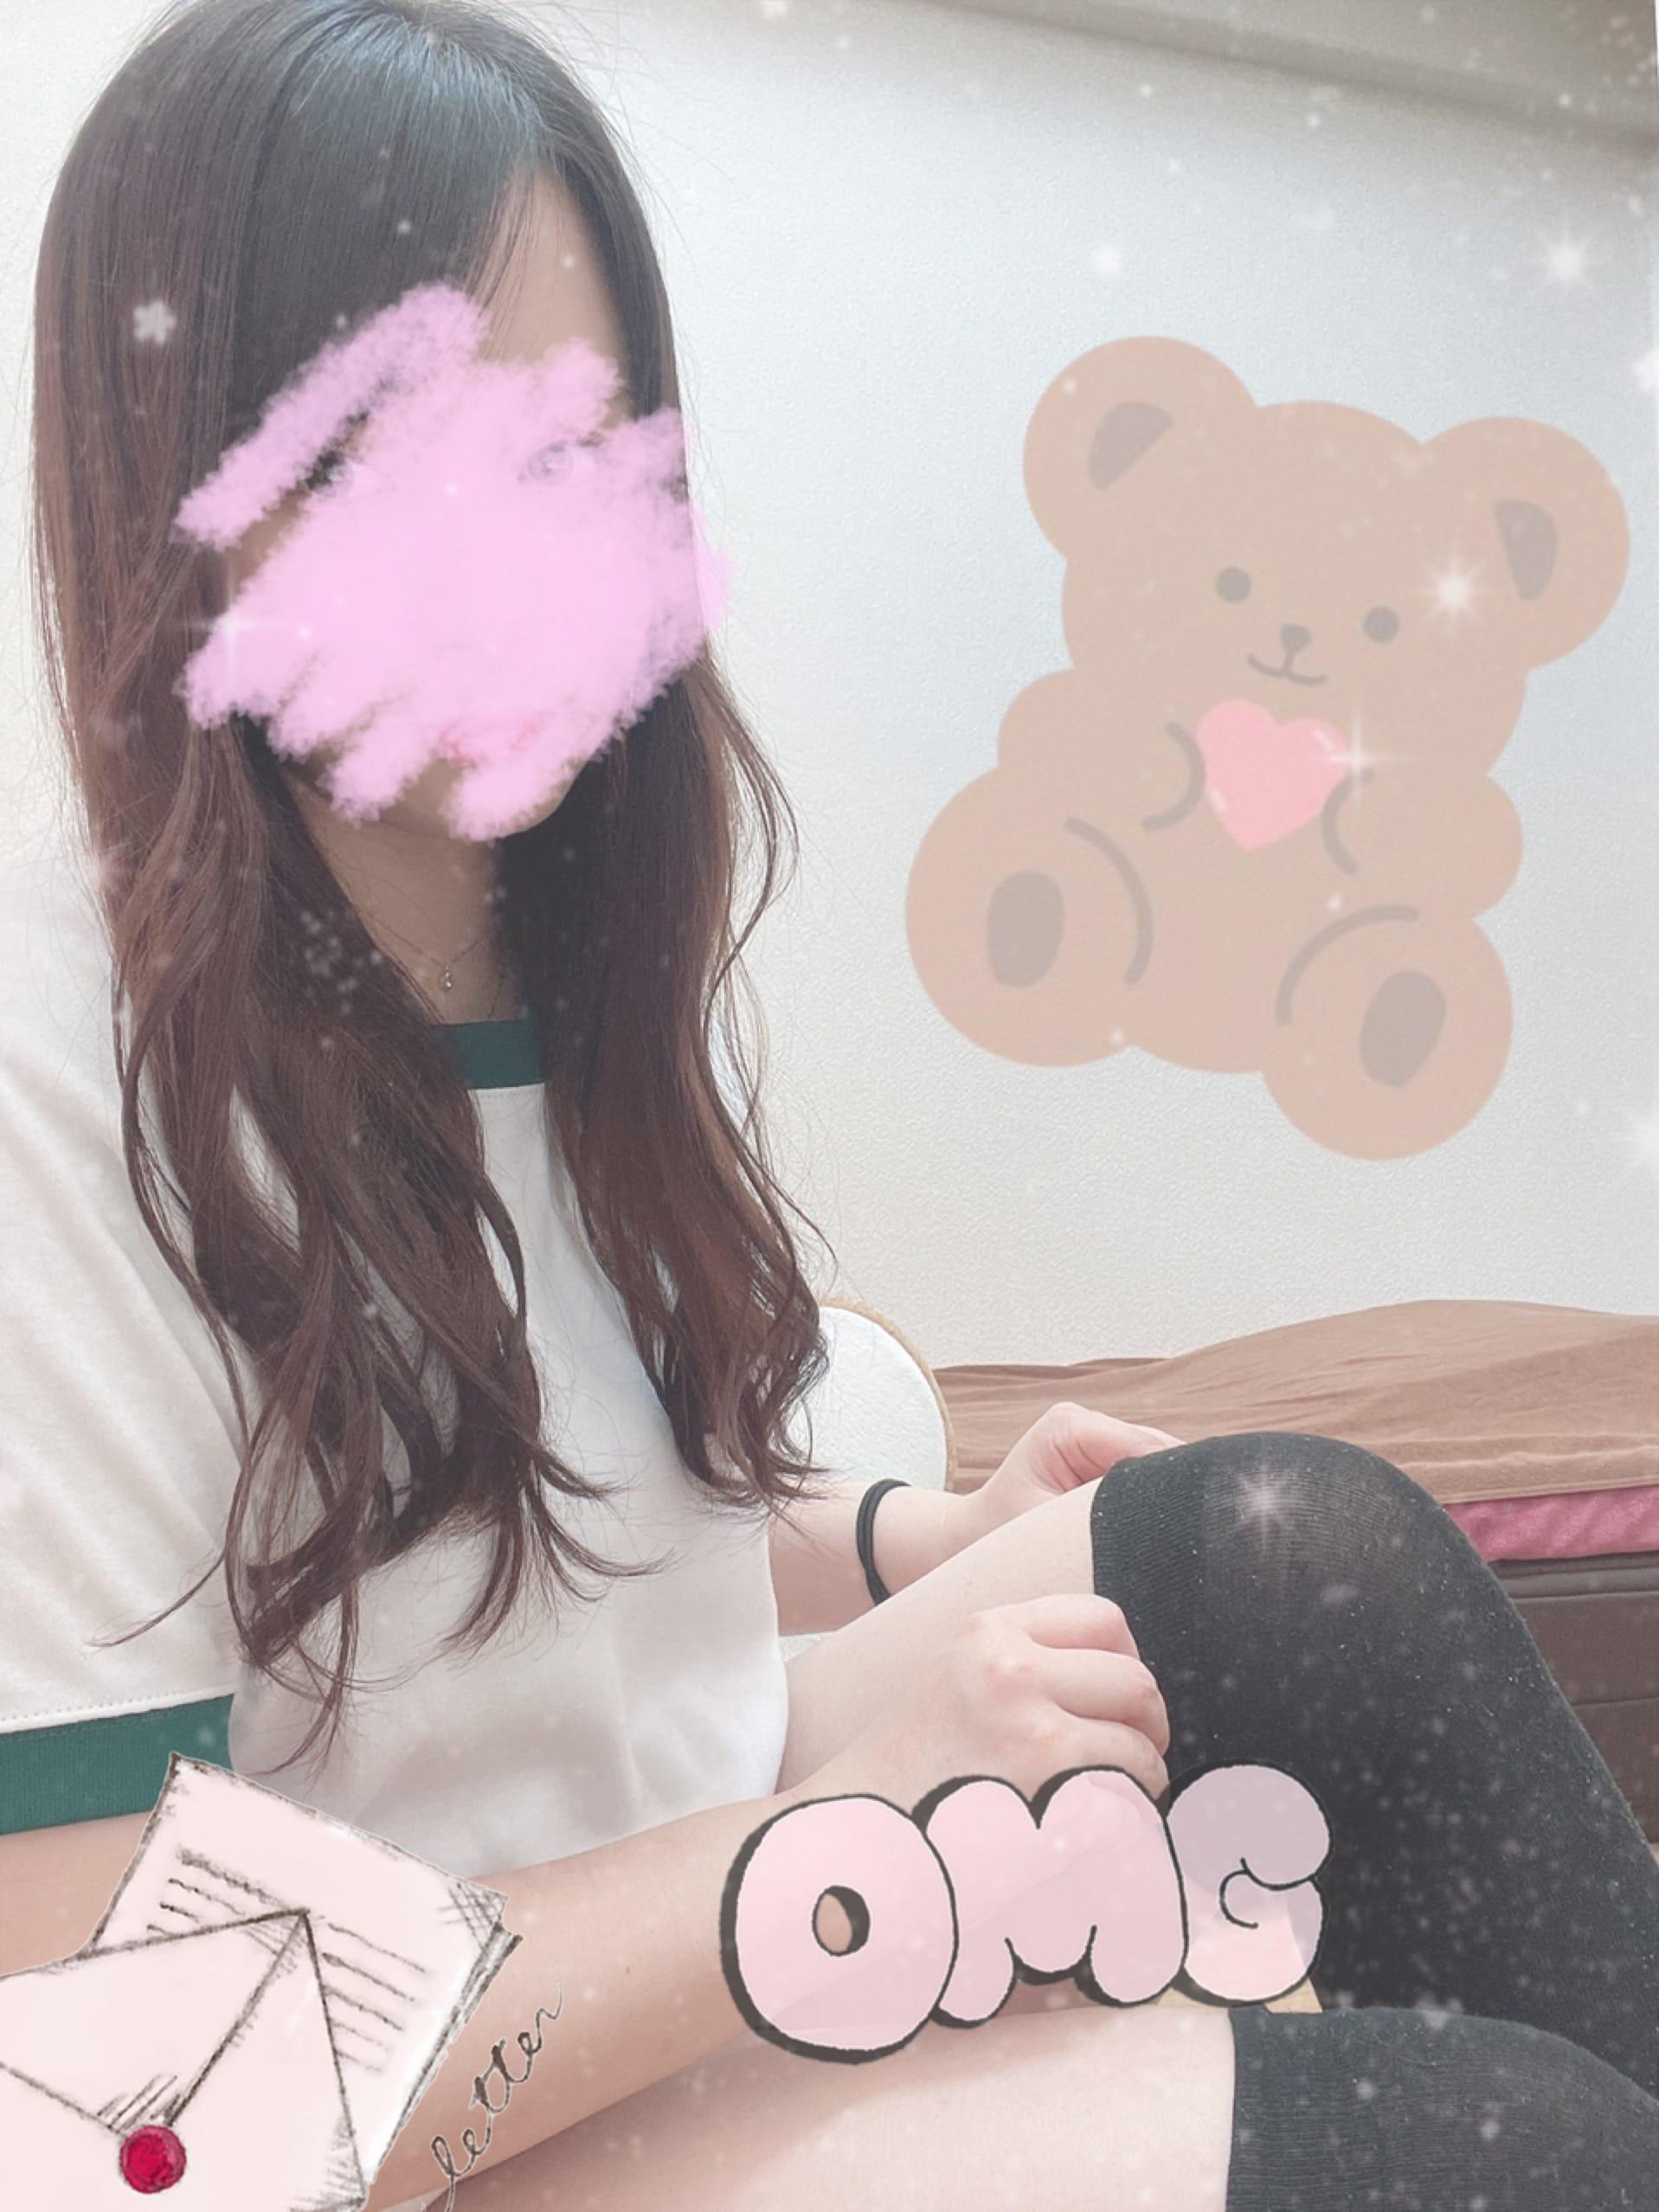 「おはよー!」06/13(06/13) 11:01   モ力ちゃんの写メ